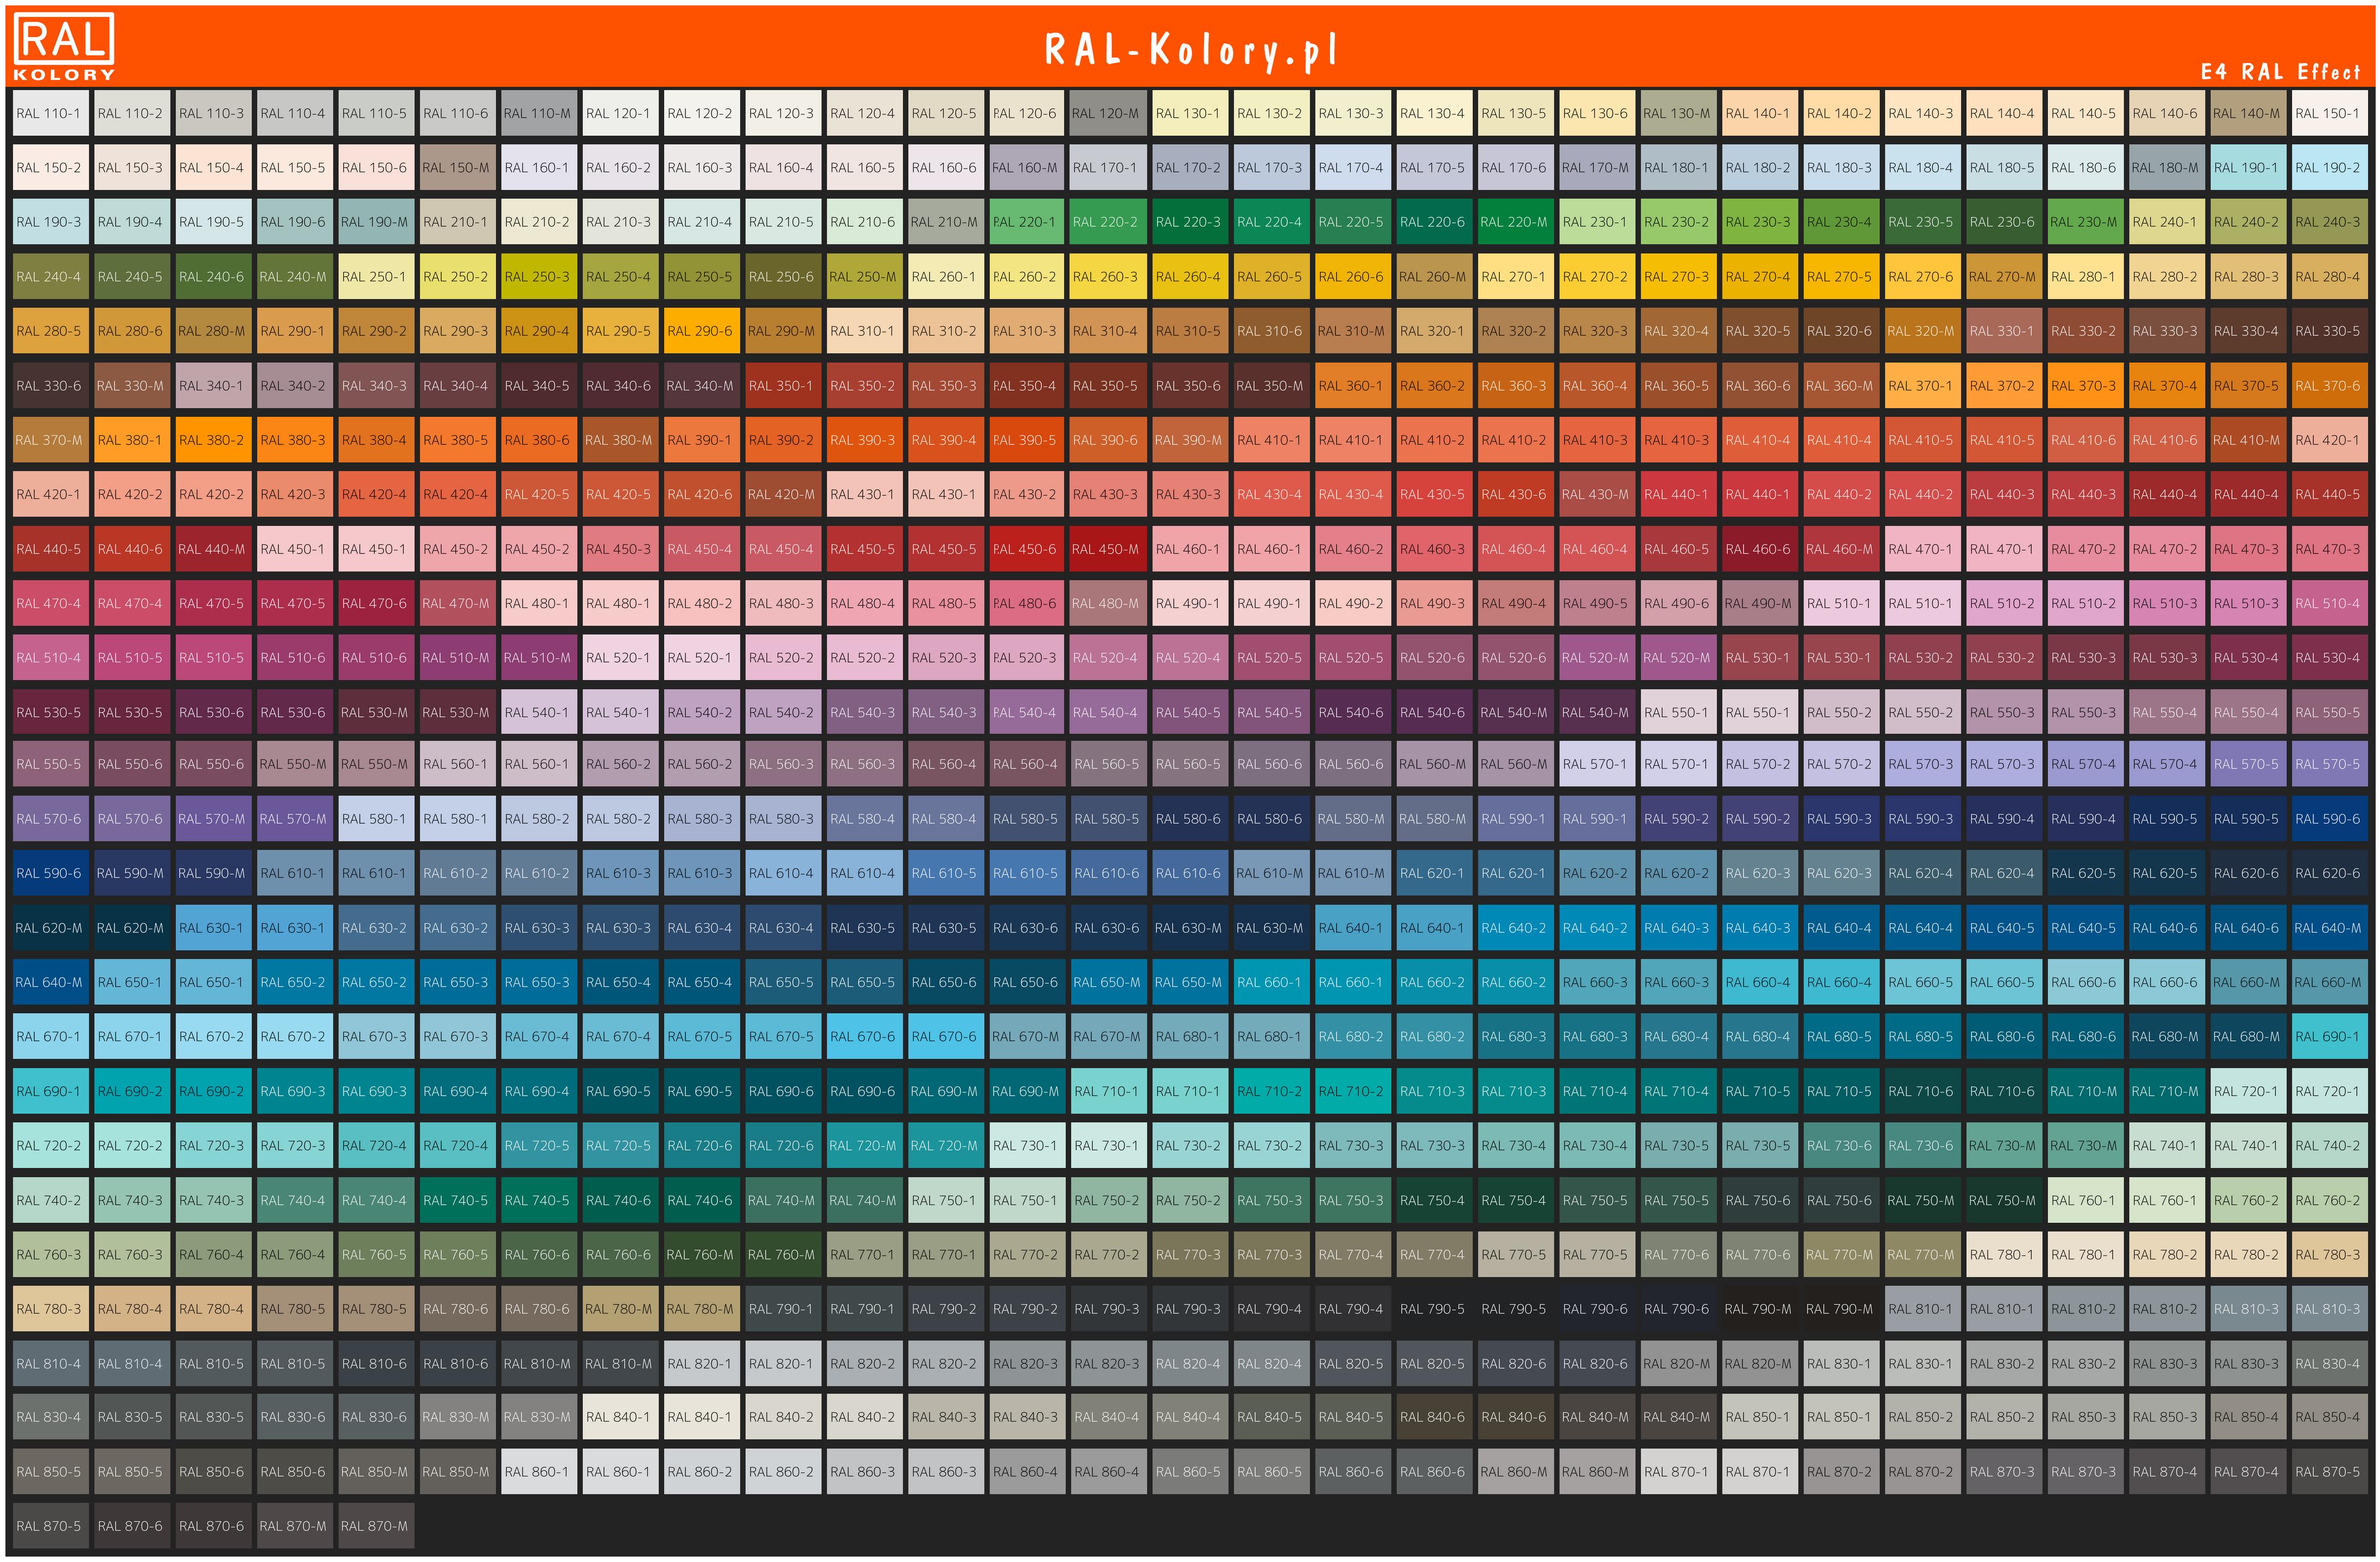 E4 RAL Effect Wzornik kolorów PL